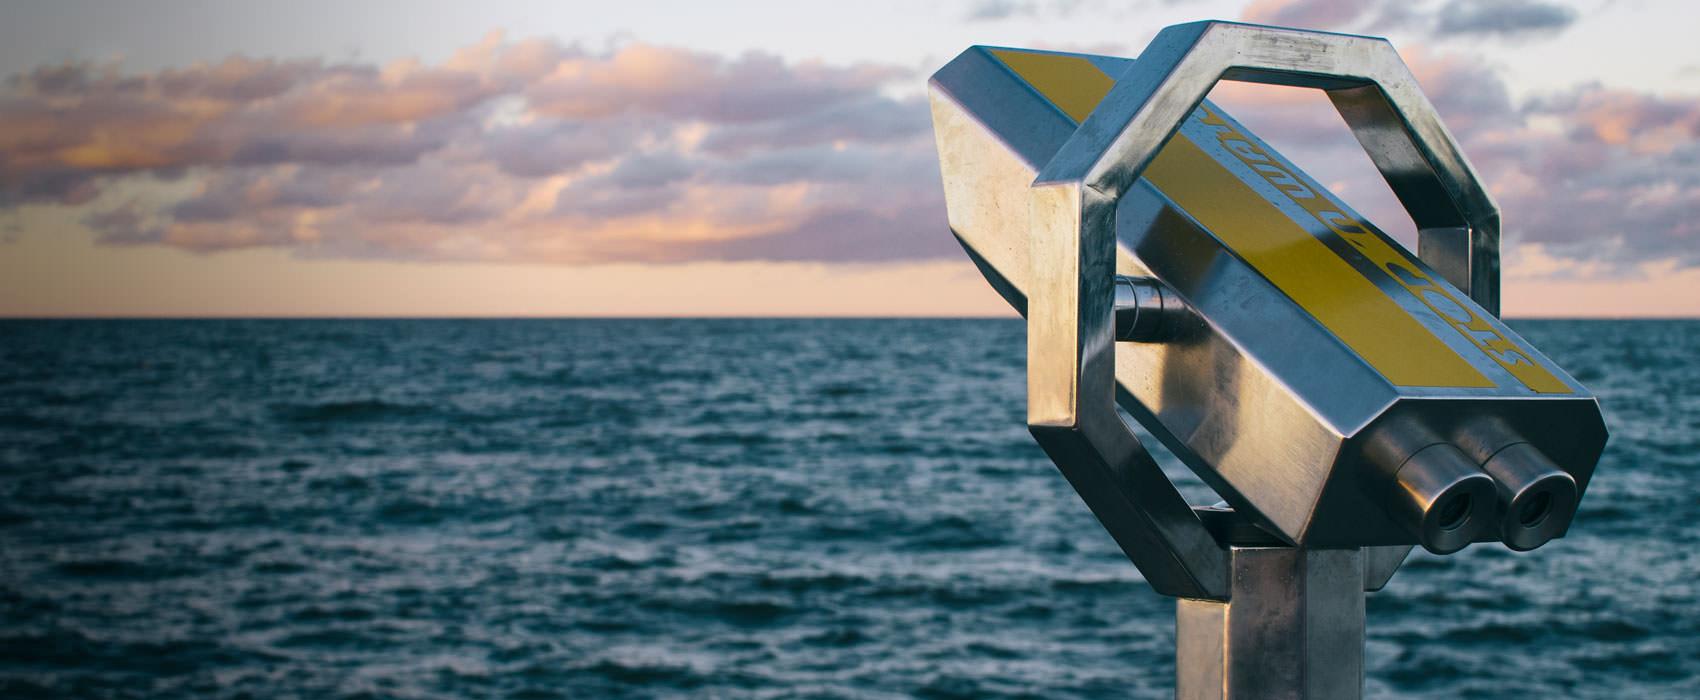 Fernglas am Meeresufer